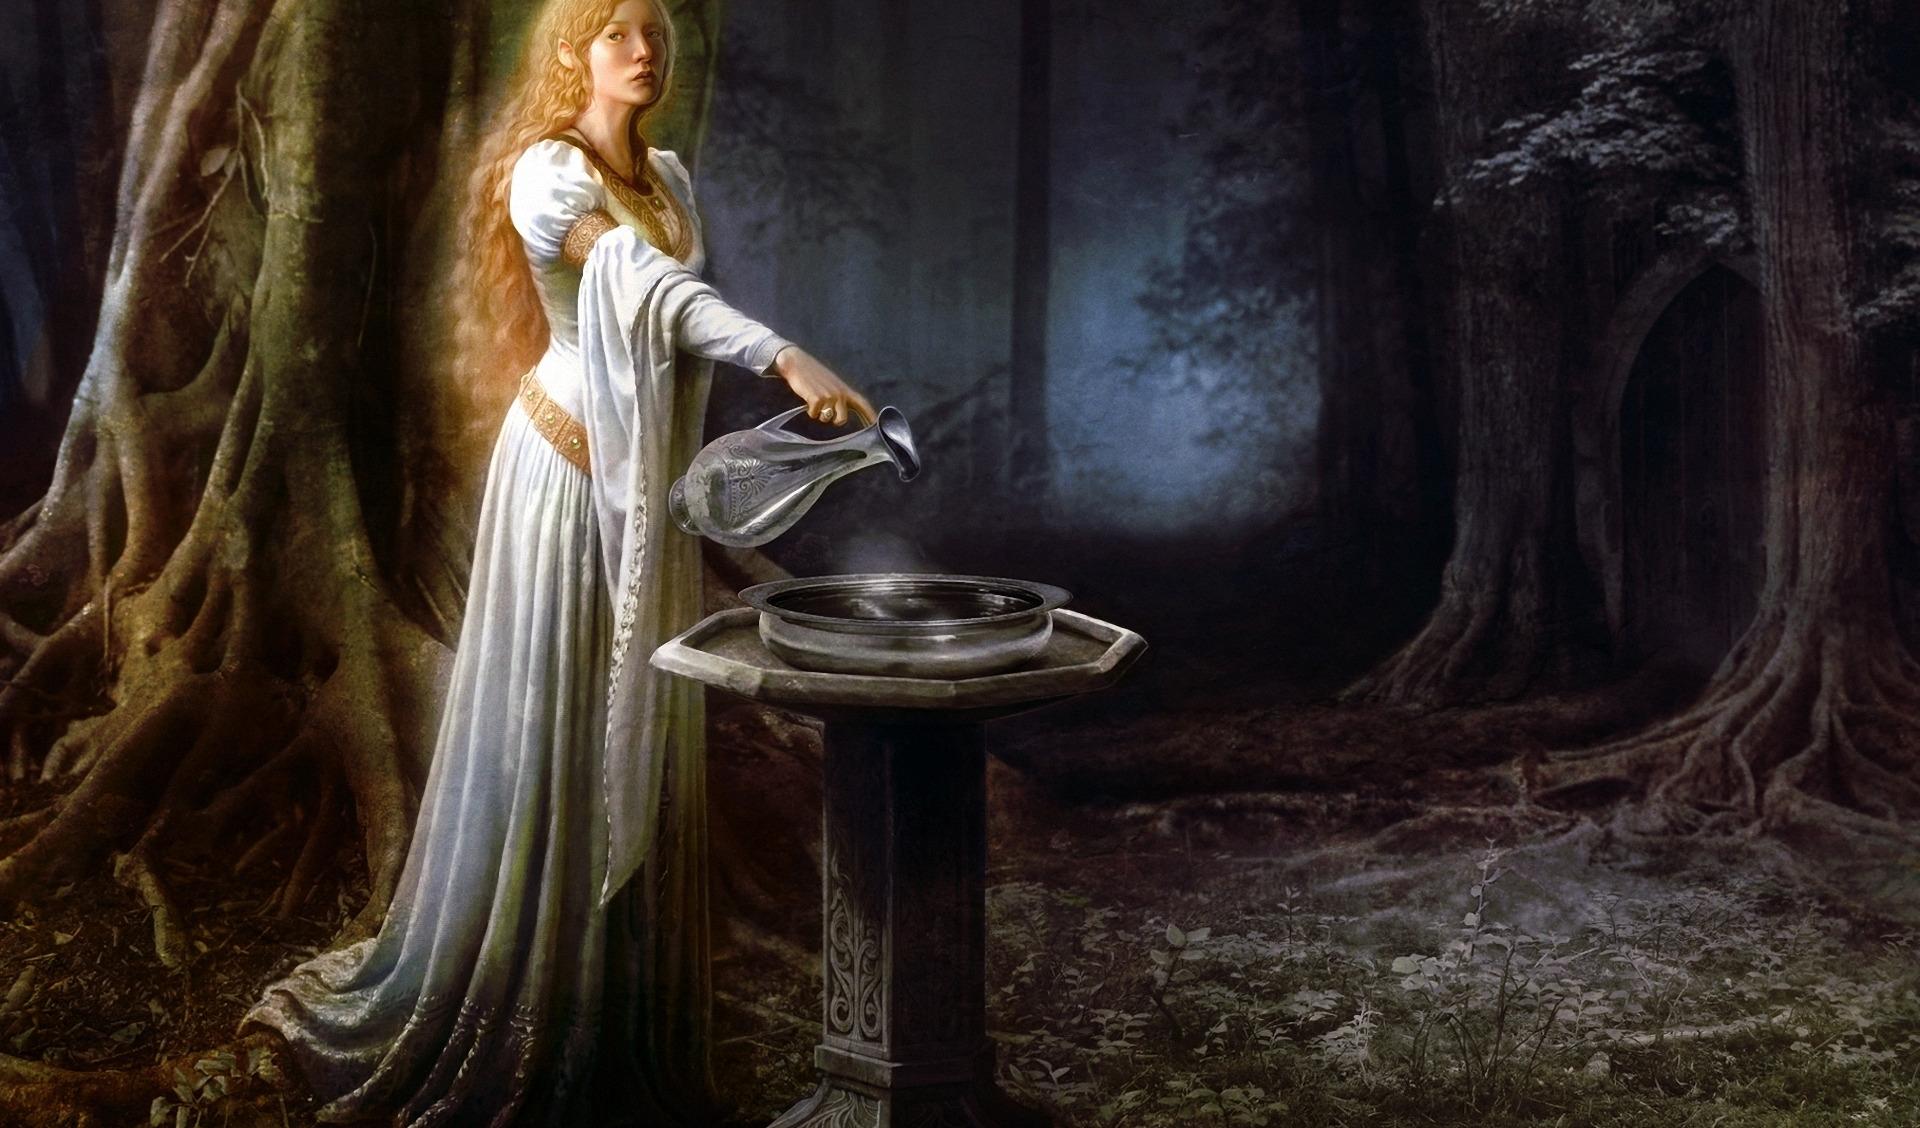 ельфійка галадріель фото